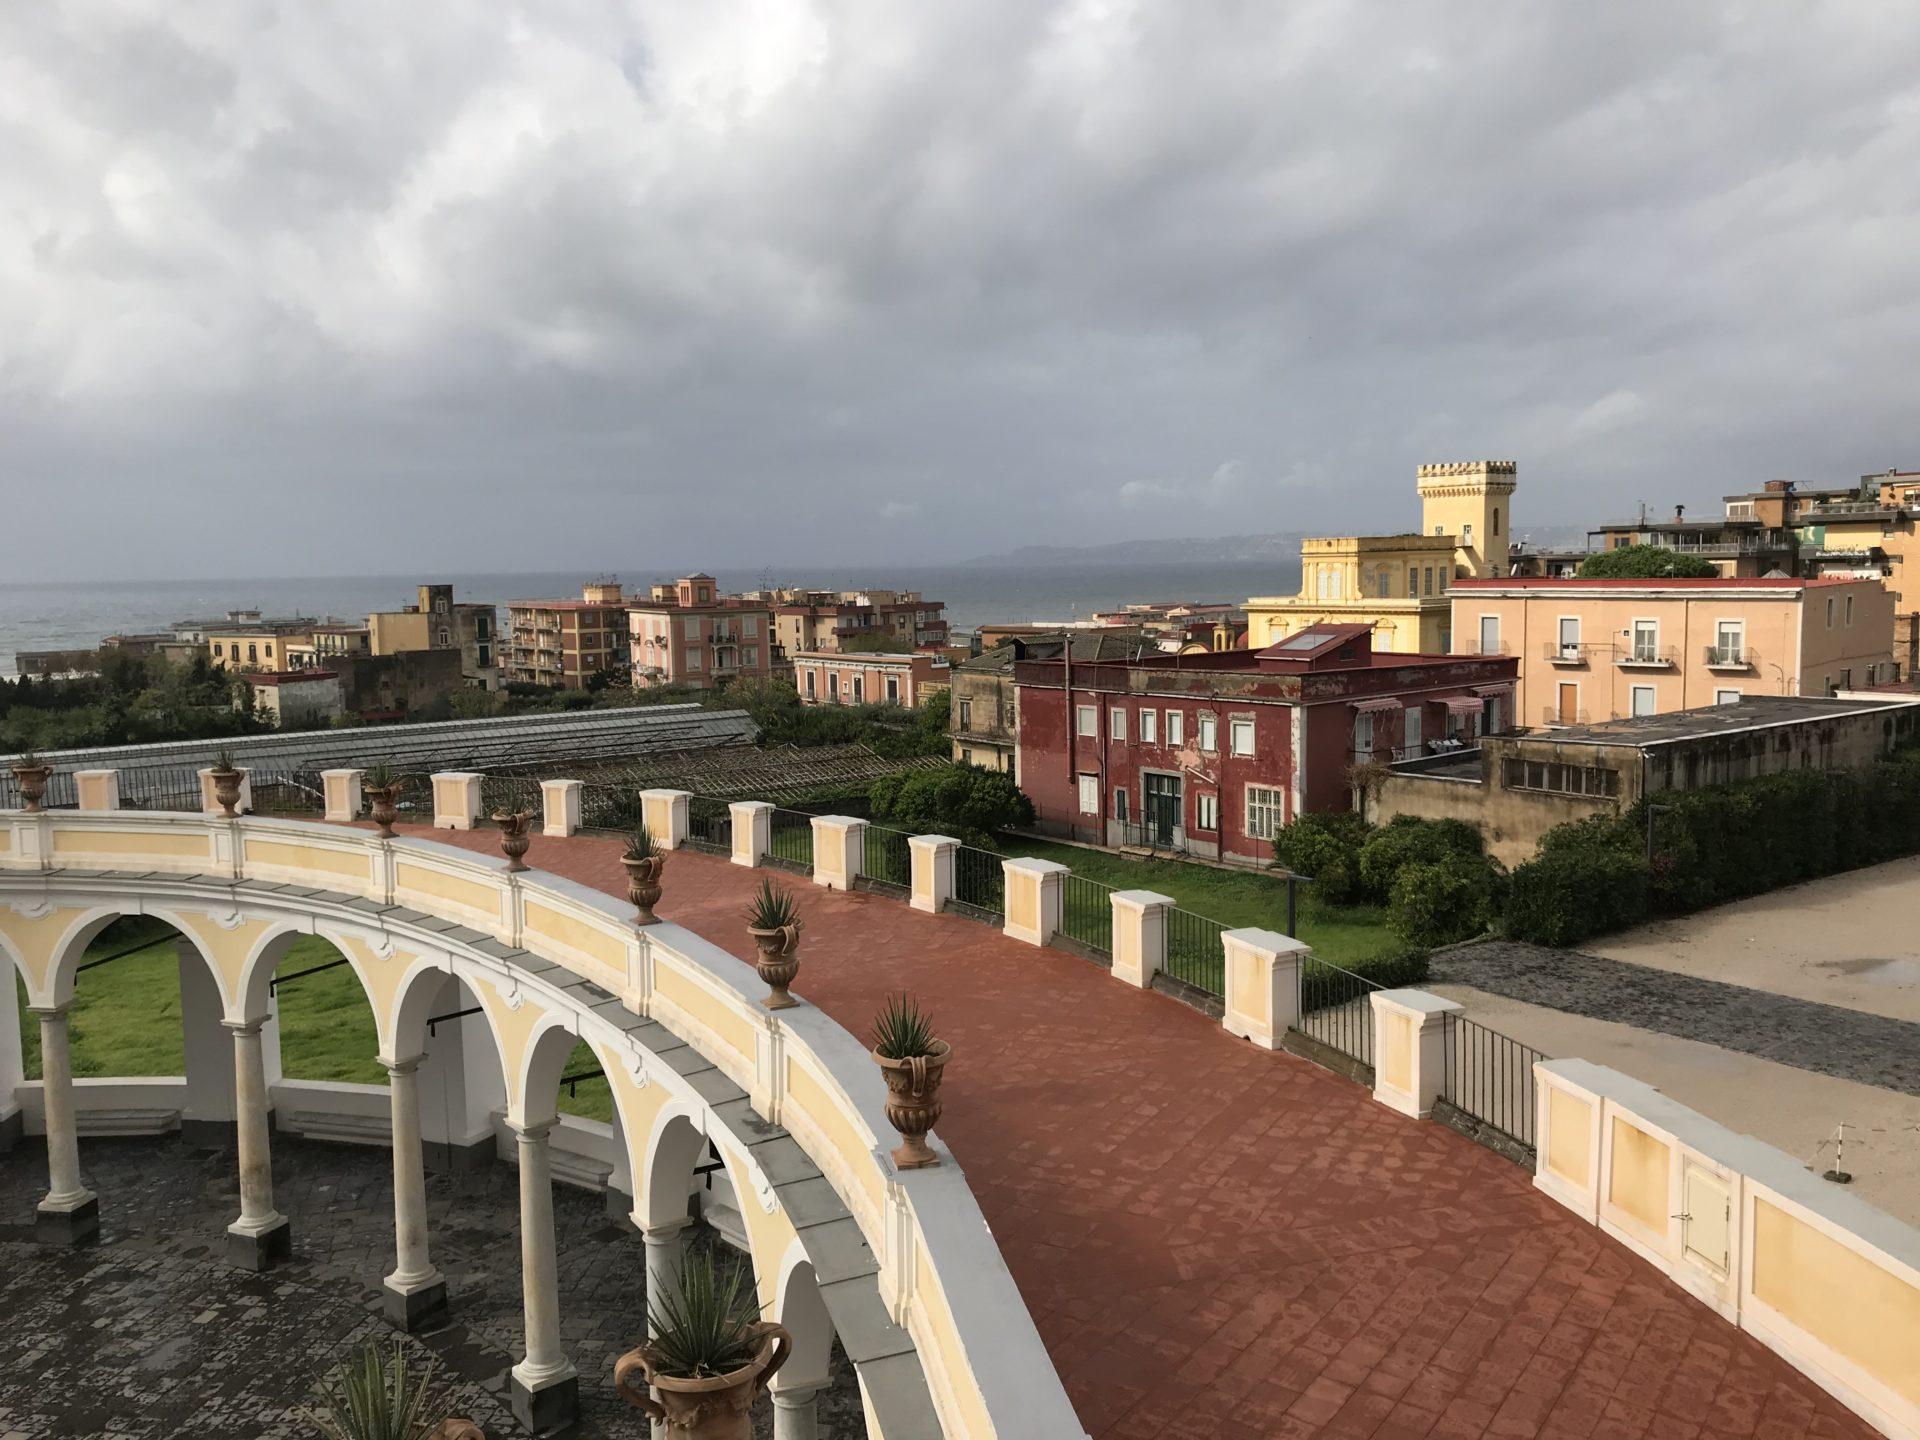 Auf dem Balkon der Villa Campolieto, Miglio d'oro